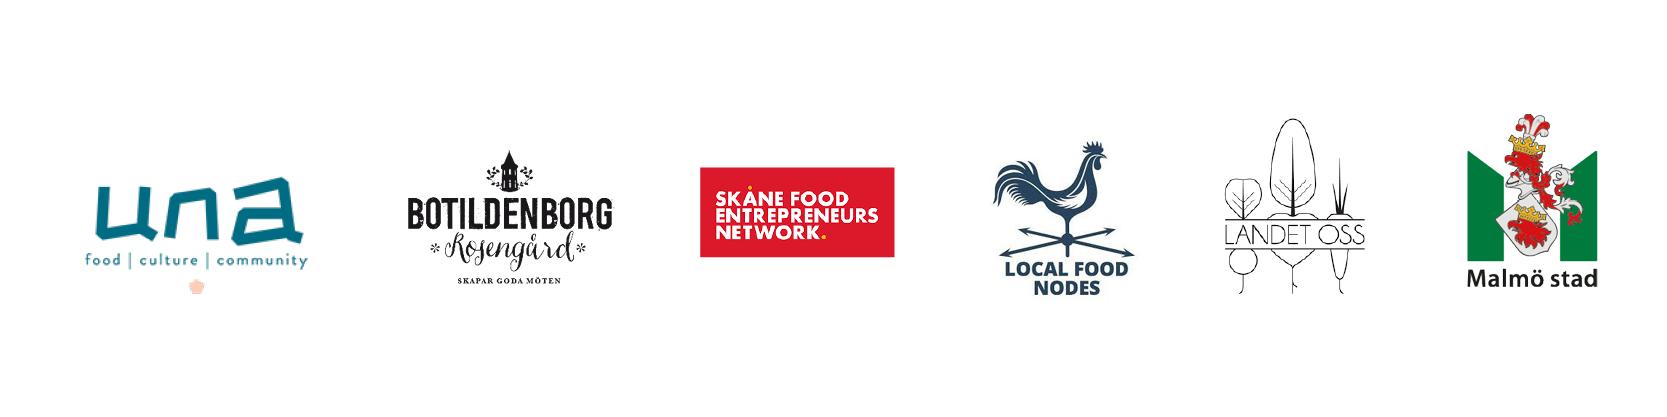 Logotyper partners: Una, Botildenborg, Skåne Food Entrepreneurs Network, Local Food Nodes, Landet oss och Malmö stad.